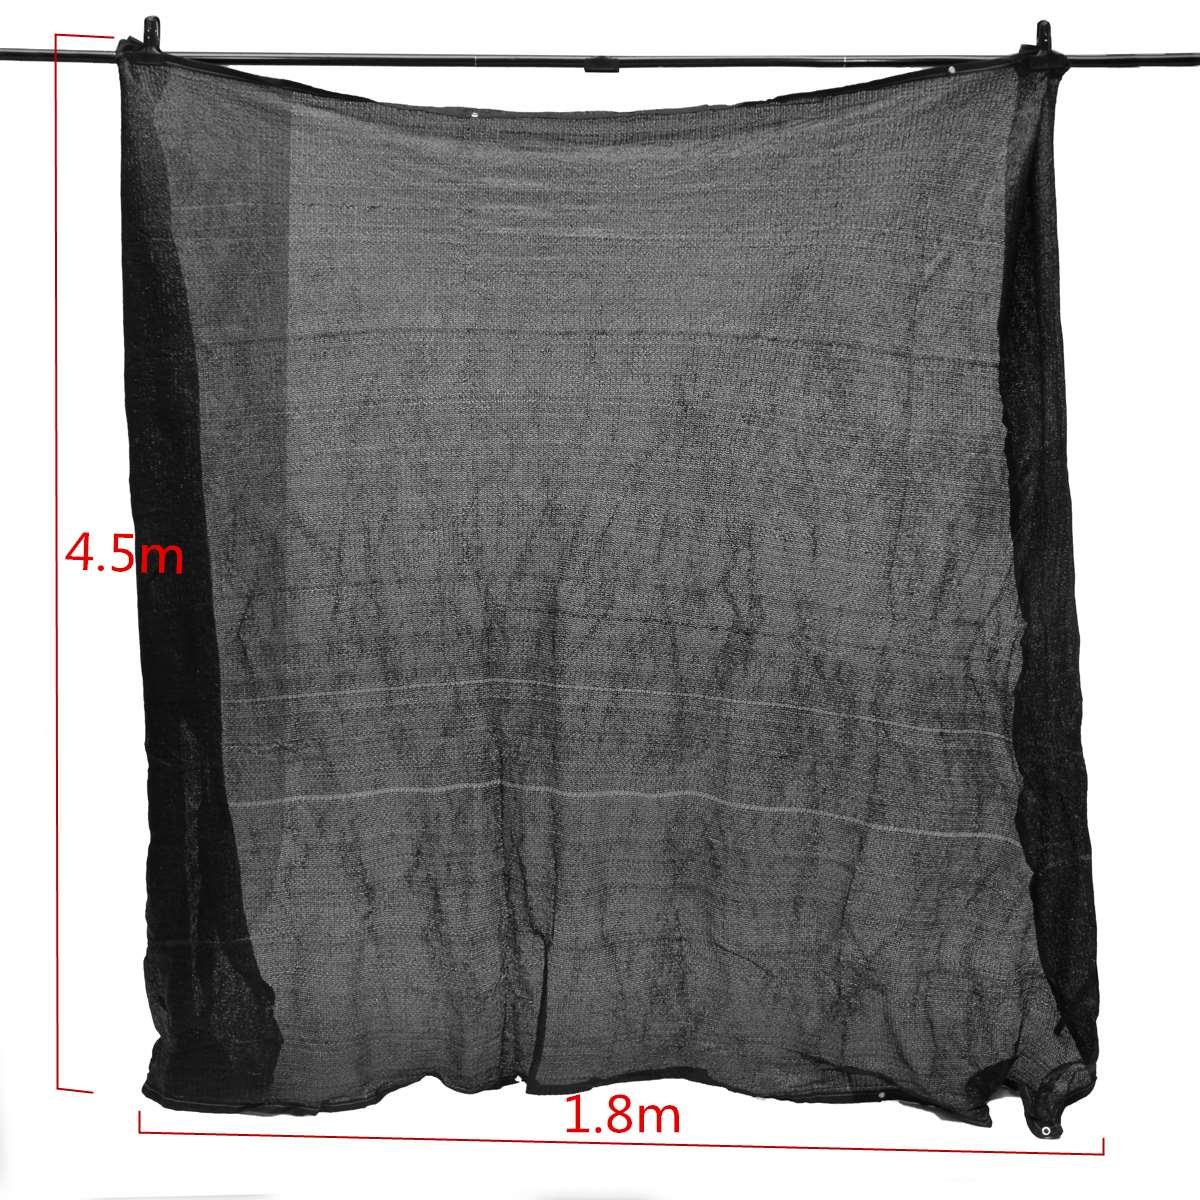 pao de la cortina de proteccin solar al aire libre negro rollo uv toldo sombra neta